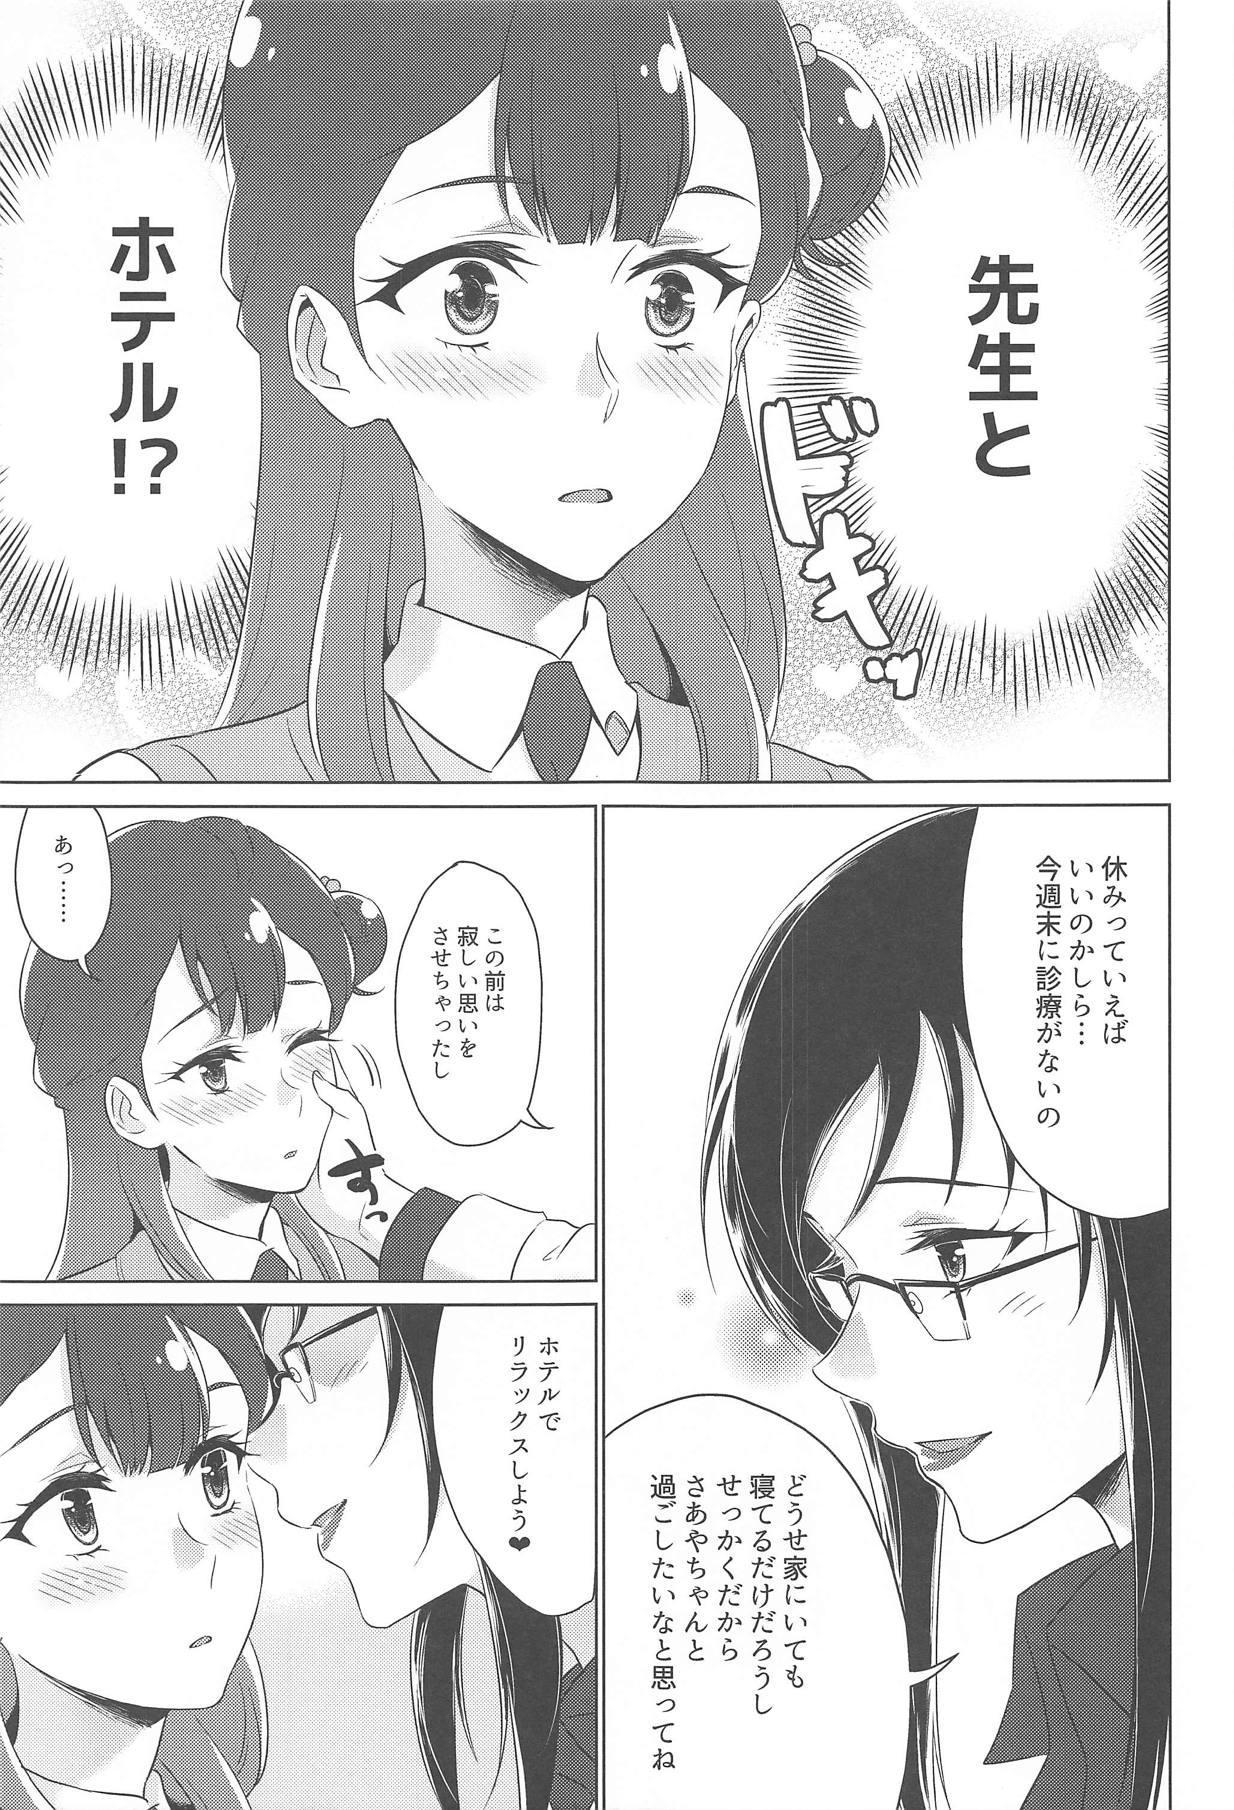 Tenshi no Haneyasume 3